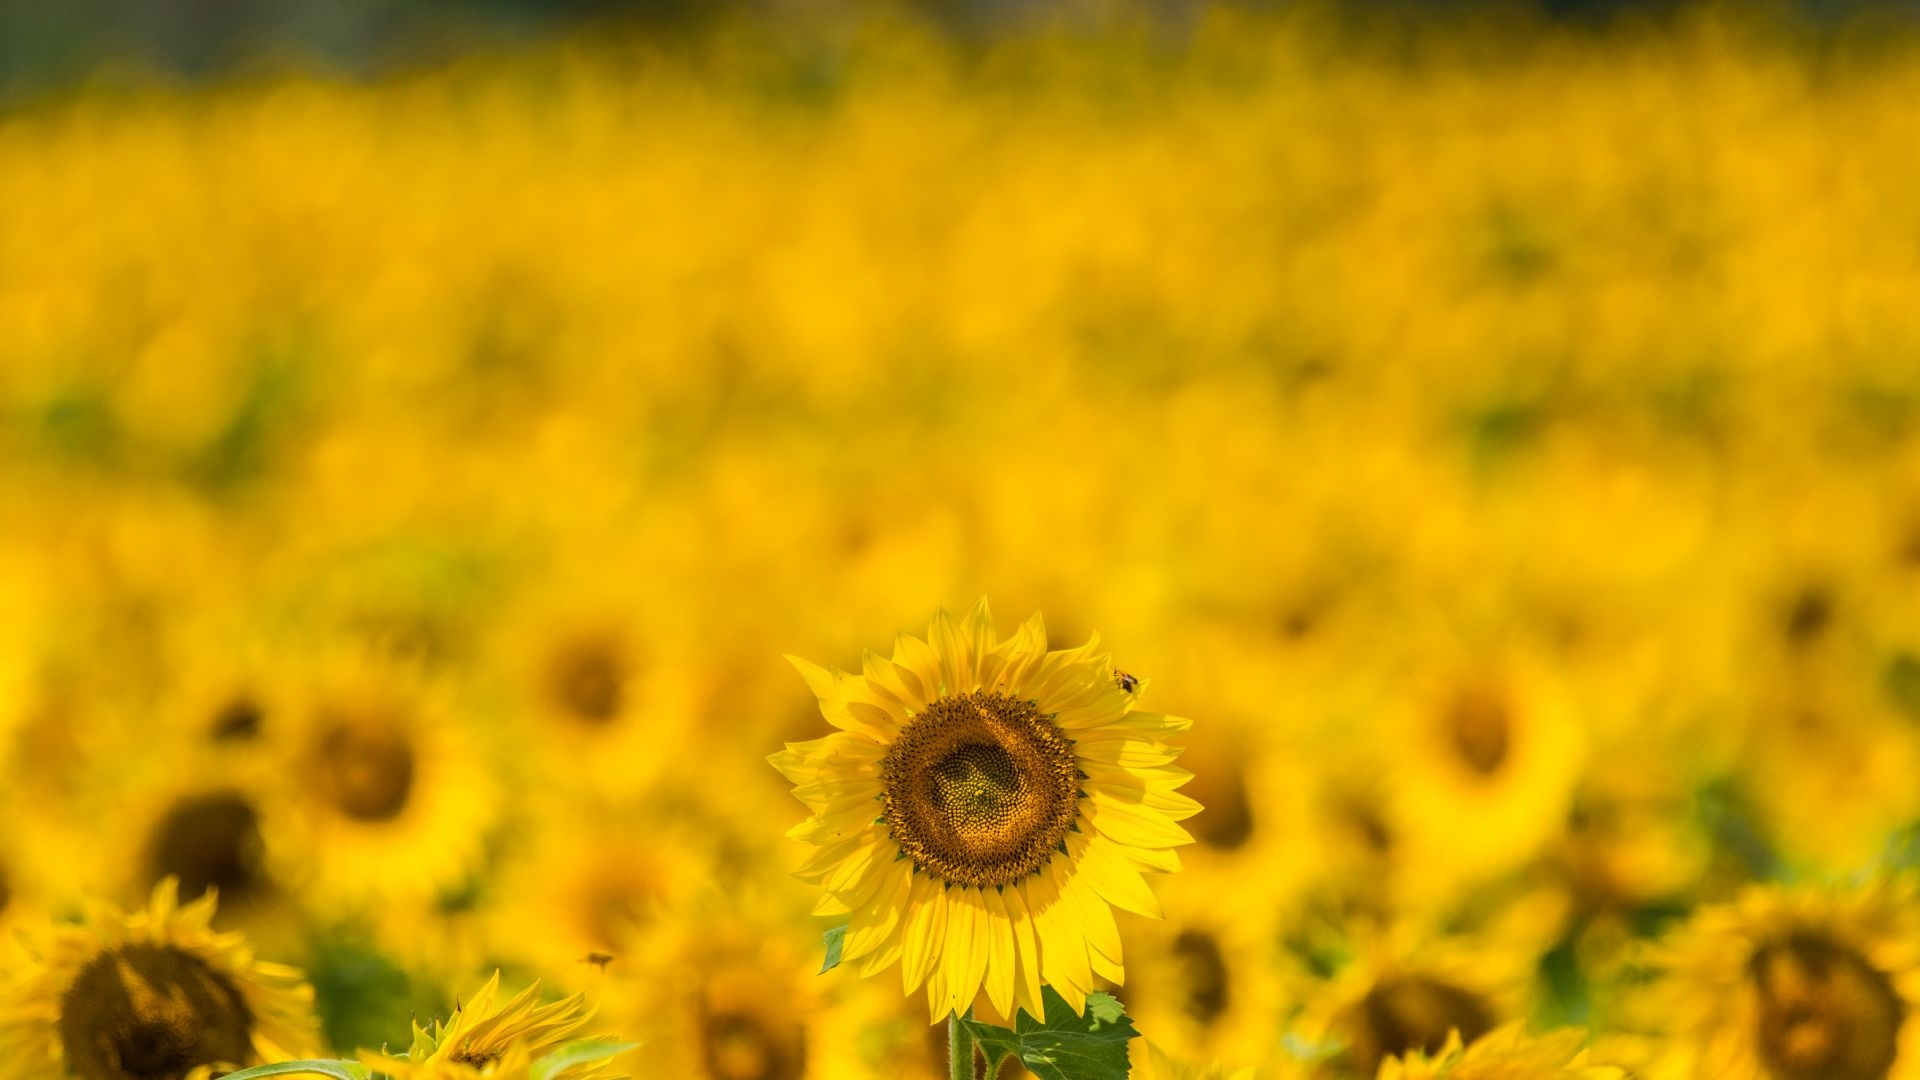 Sunflower wallpaper hd